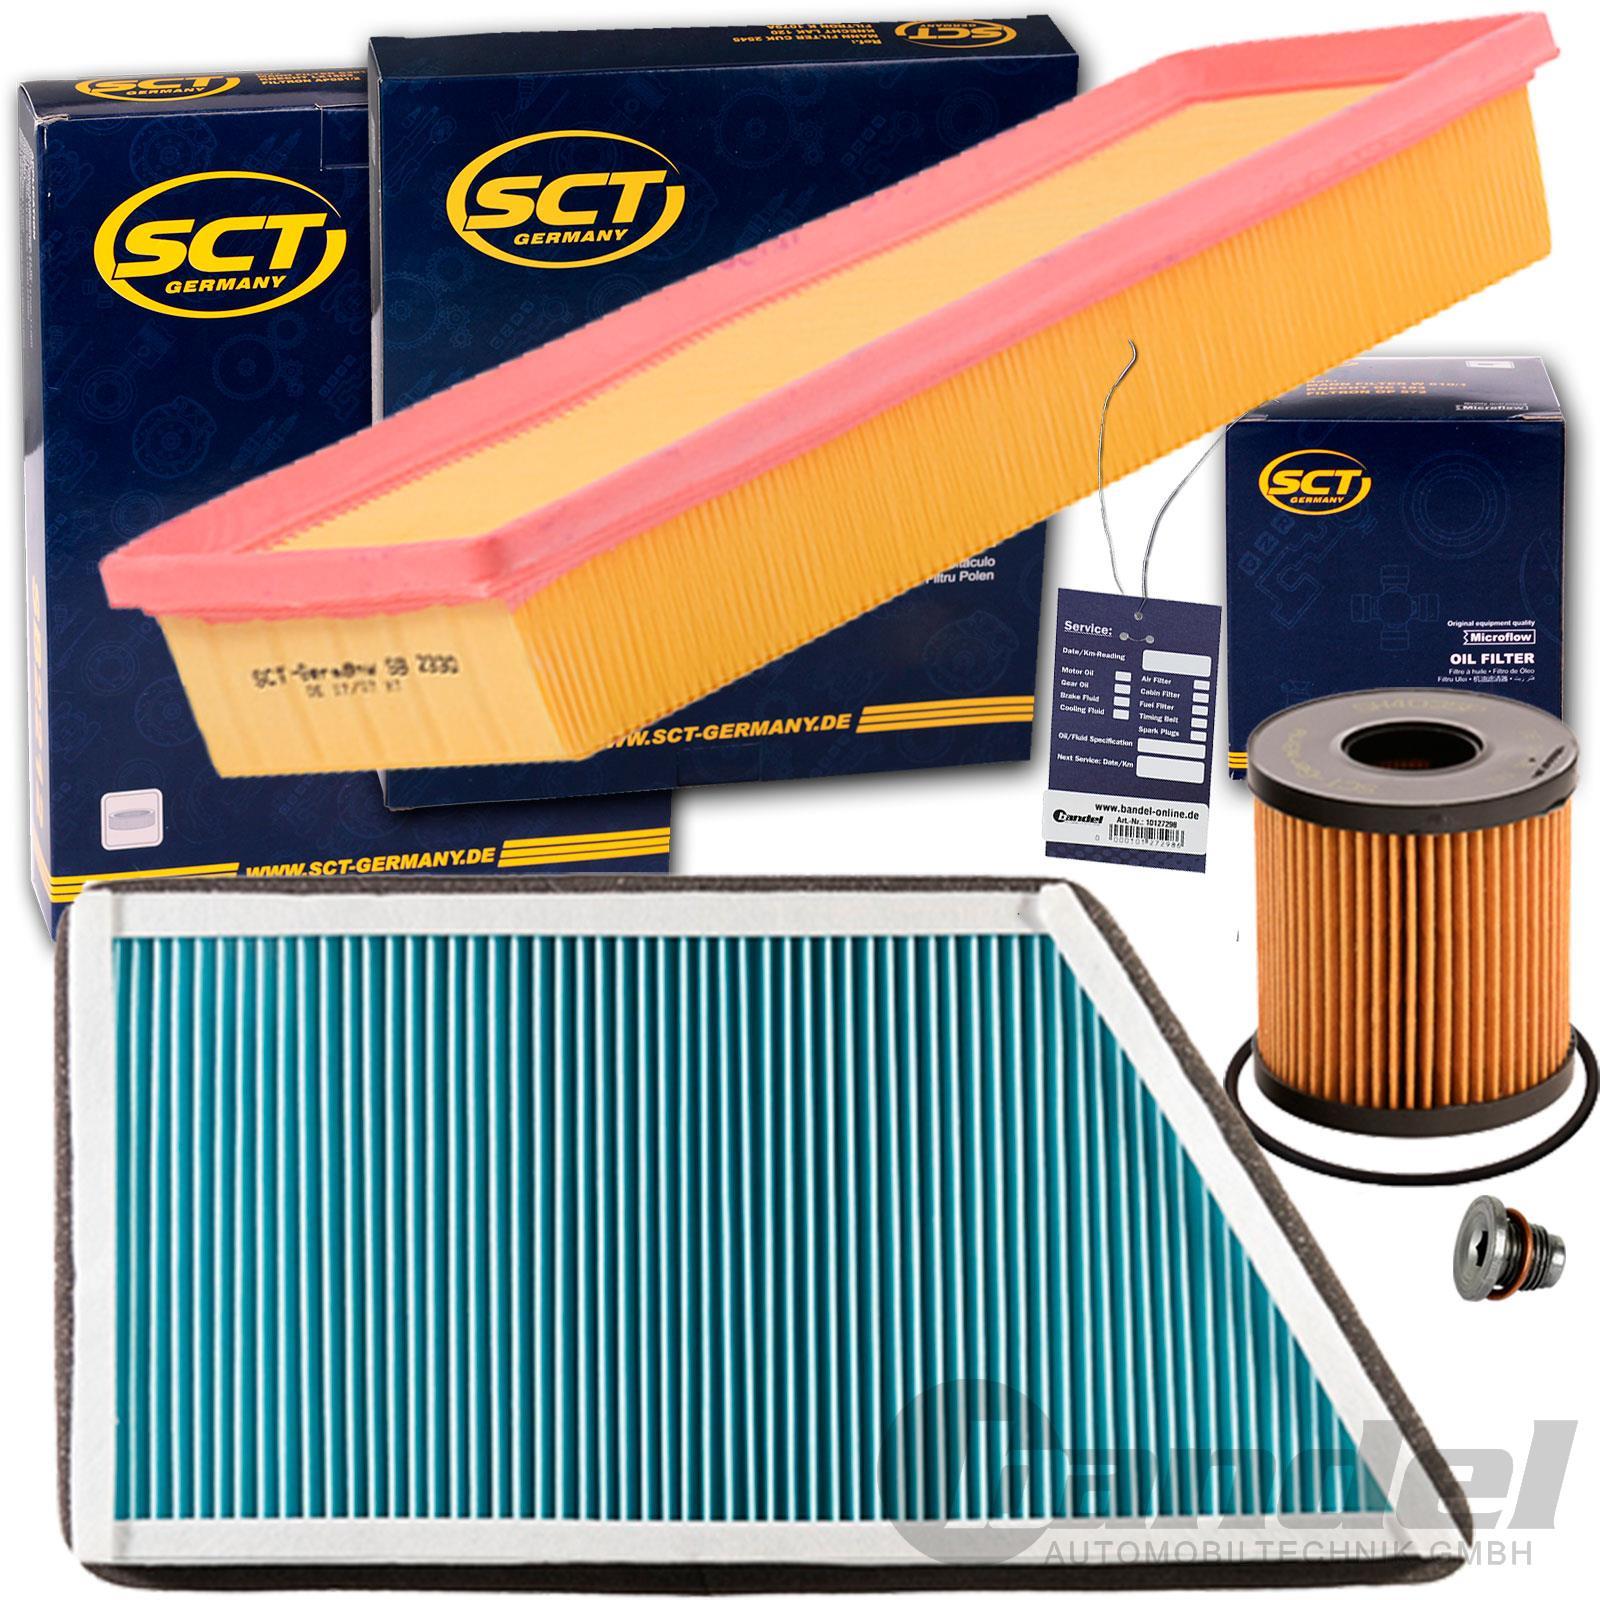 Ölfilter Luftfilter Innenraumfilter Filtersatz Inspektions-Set für PEUGEOT 206